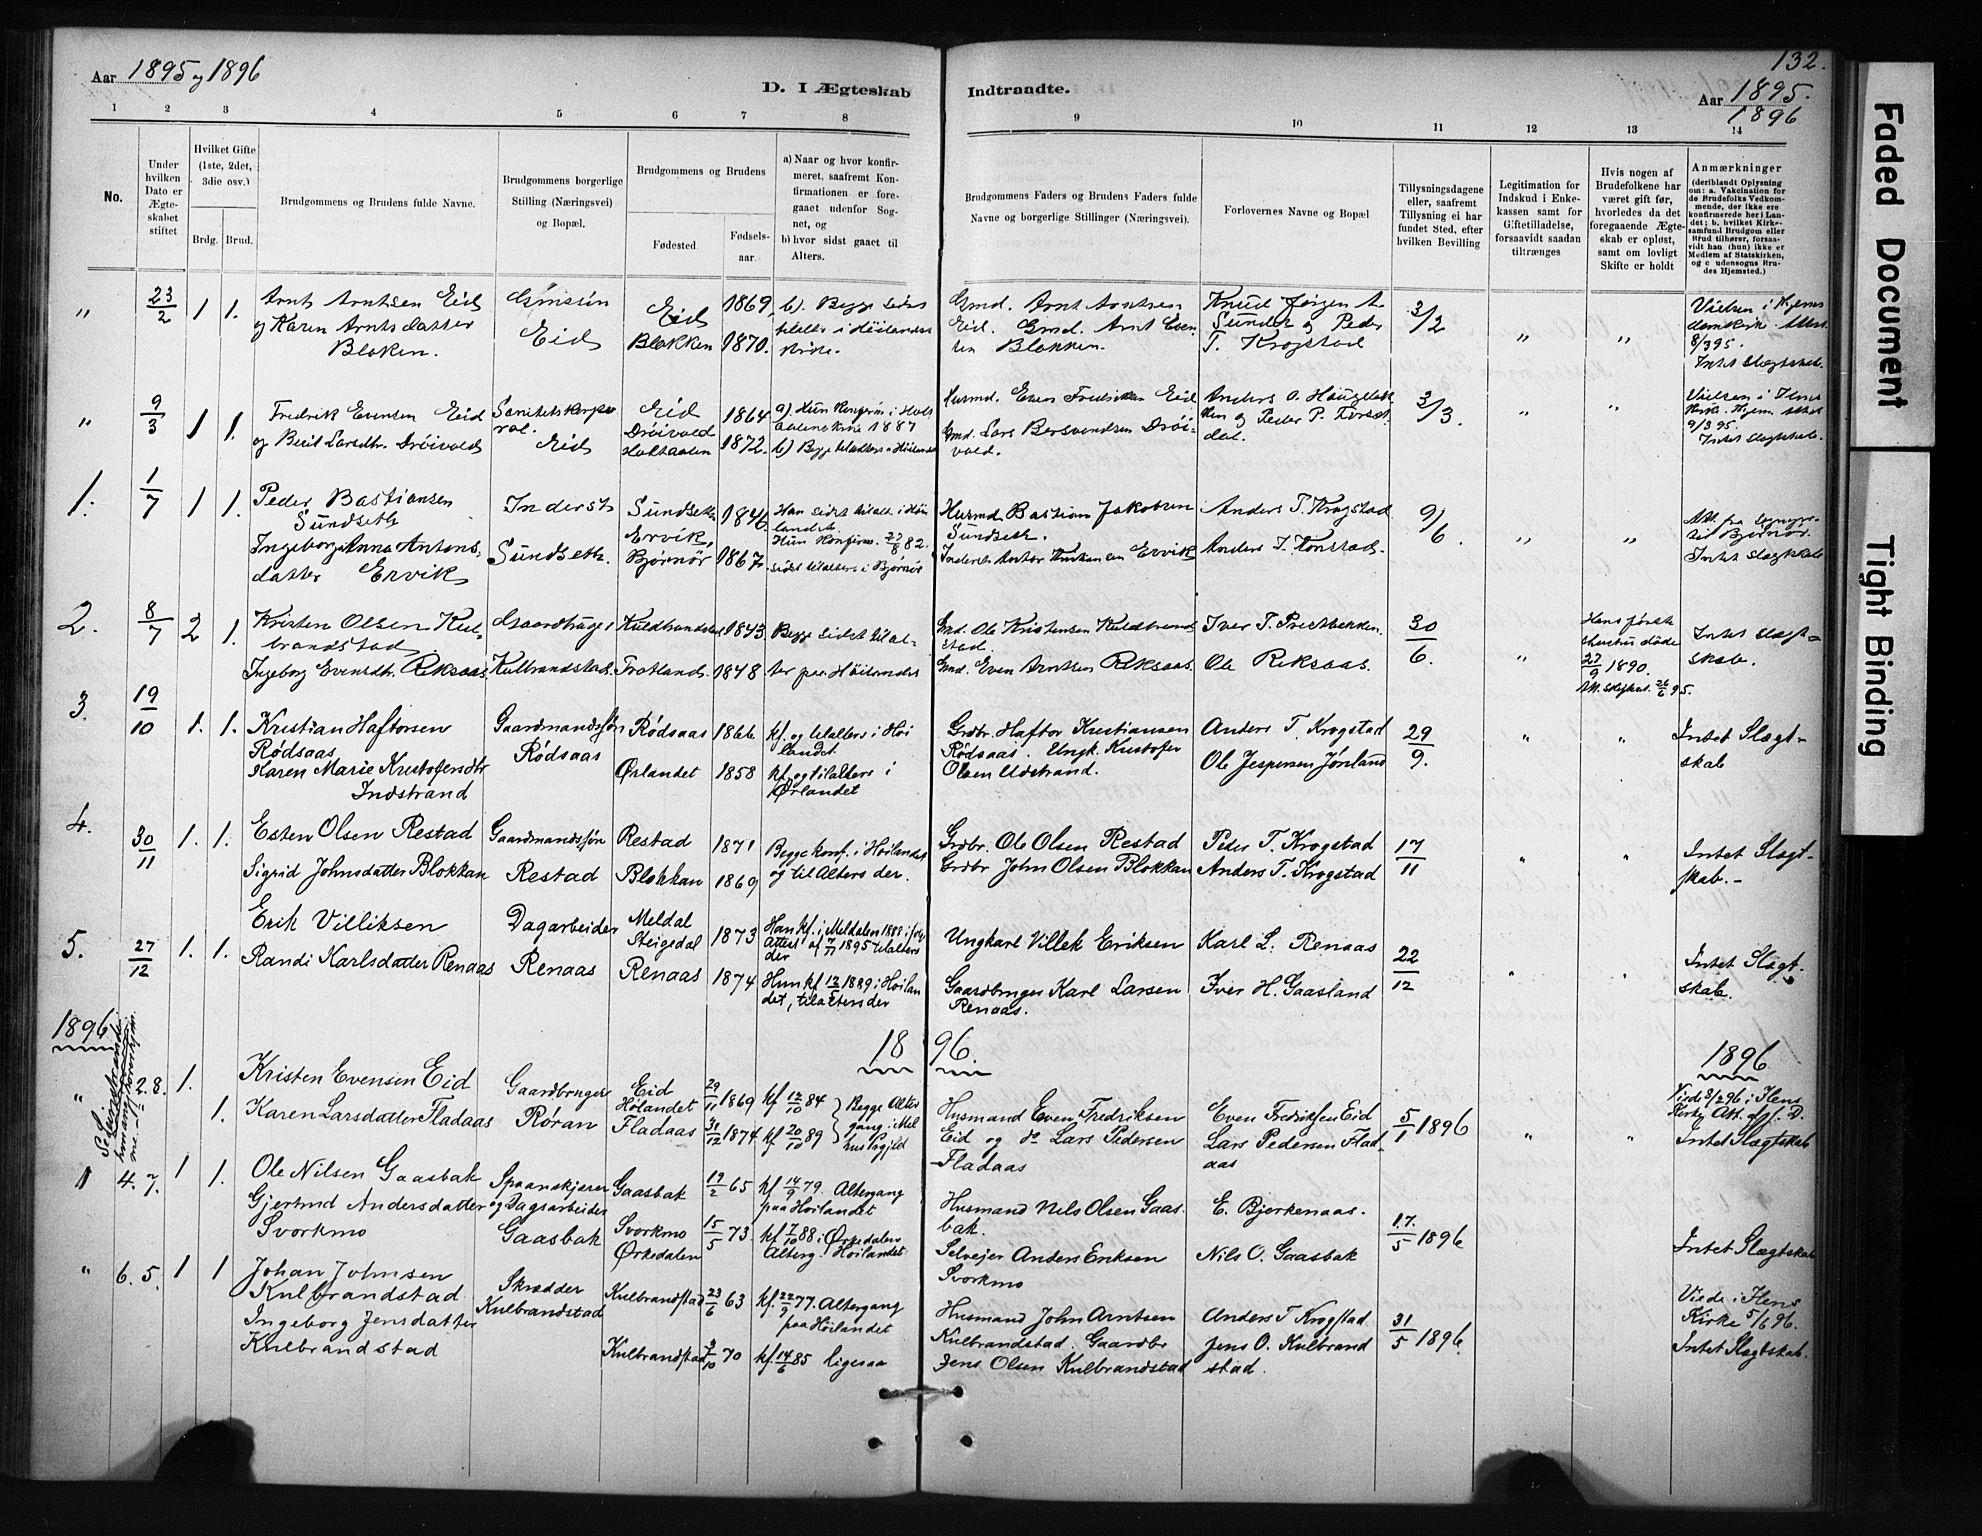 SAT, Ministerialprotokoller, klokkerbøker og fødselsregistre - Sør-Trøndelag, 694/L1127: Ministerialbok nr. 694A01, 1887-1905, s. 132